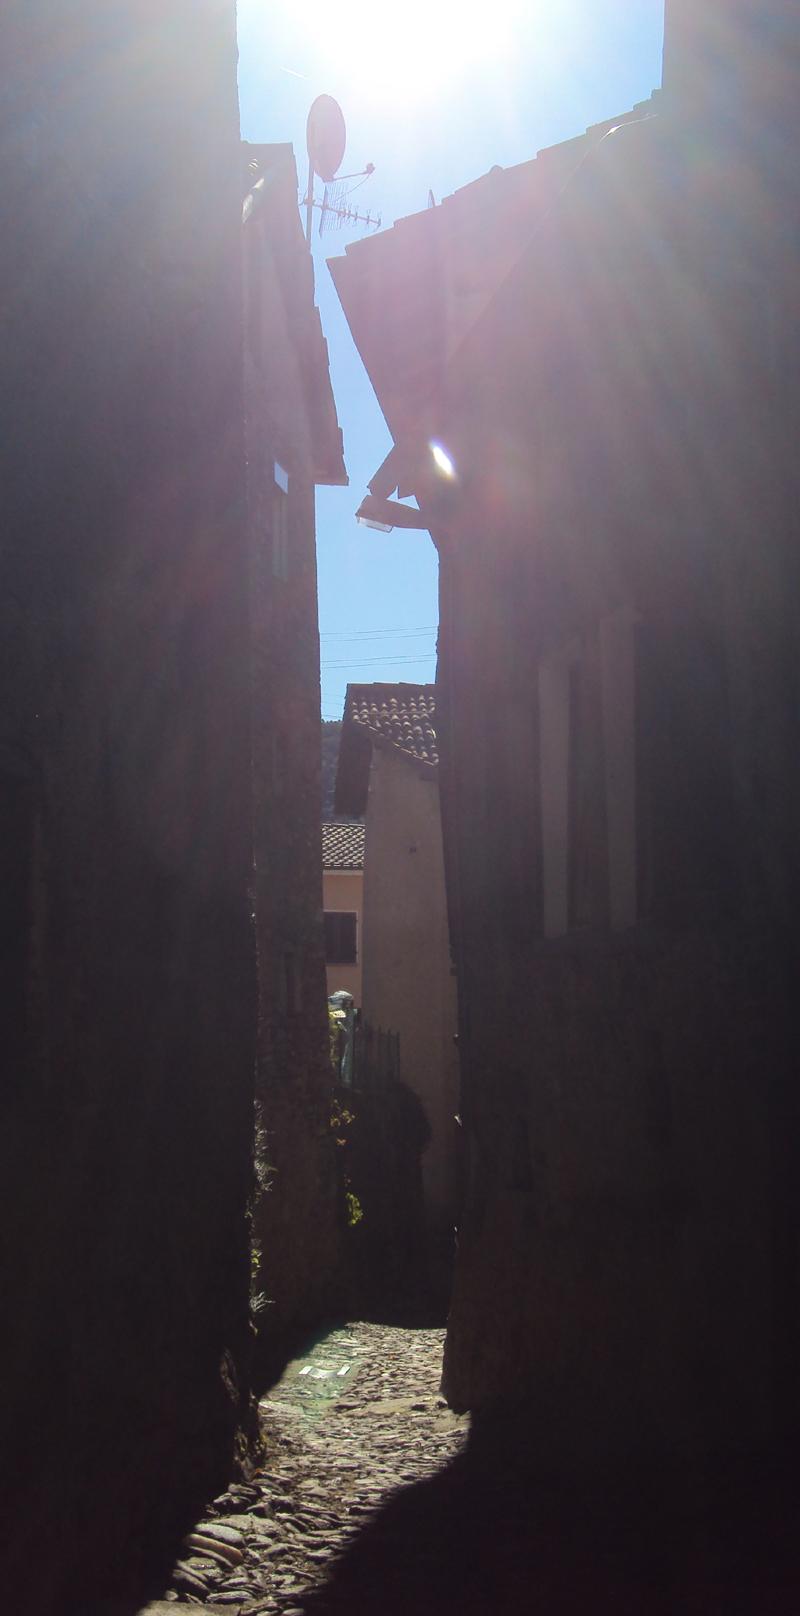 Il corridoio di luce